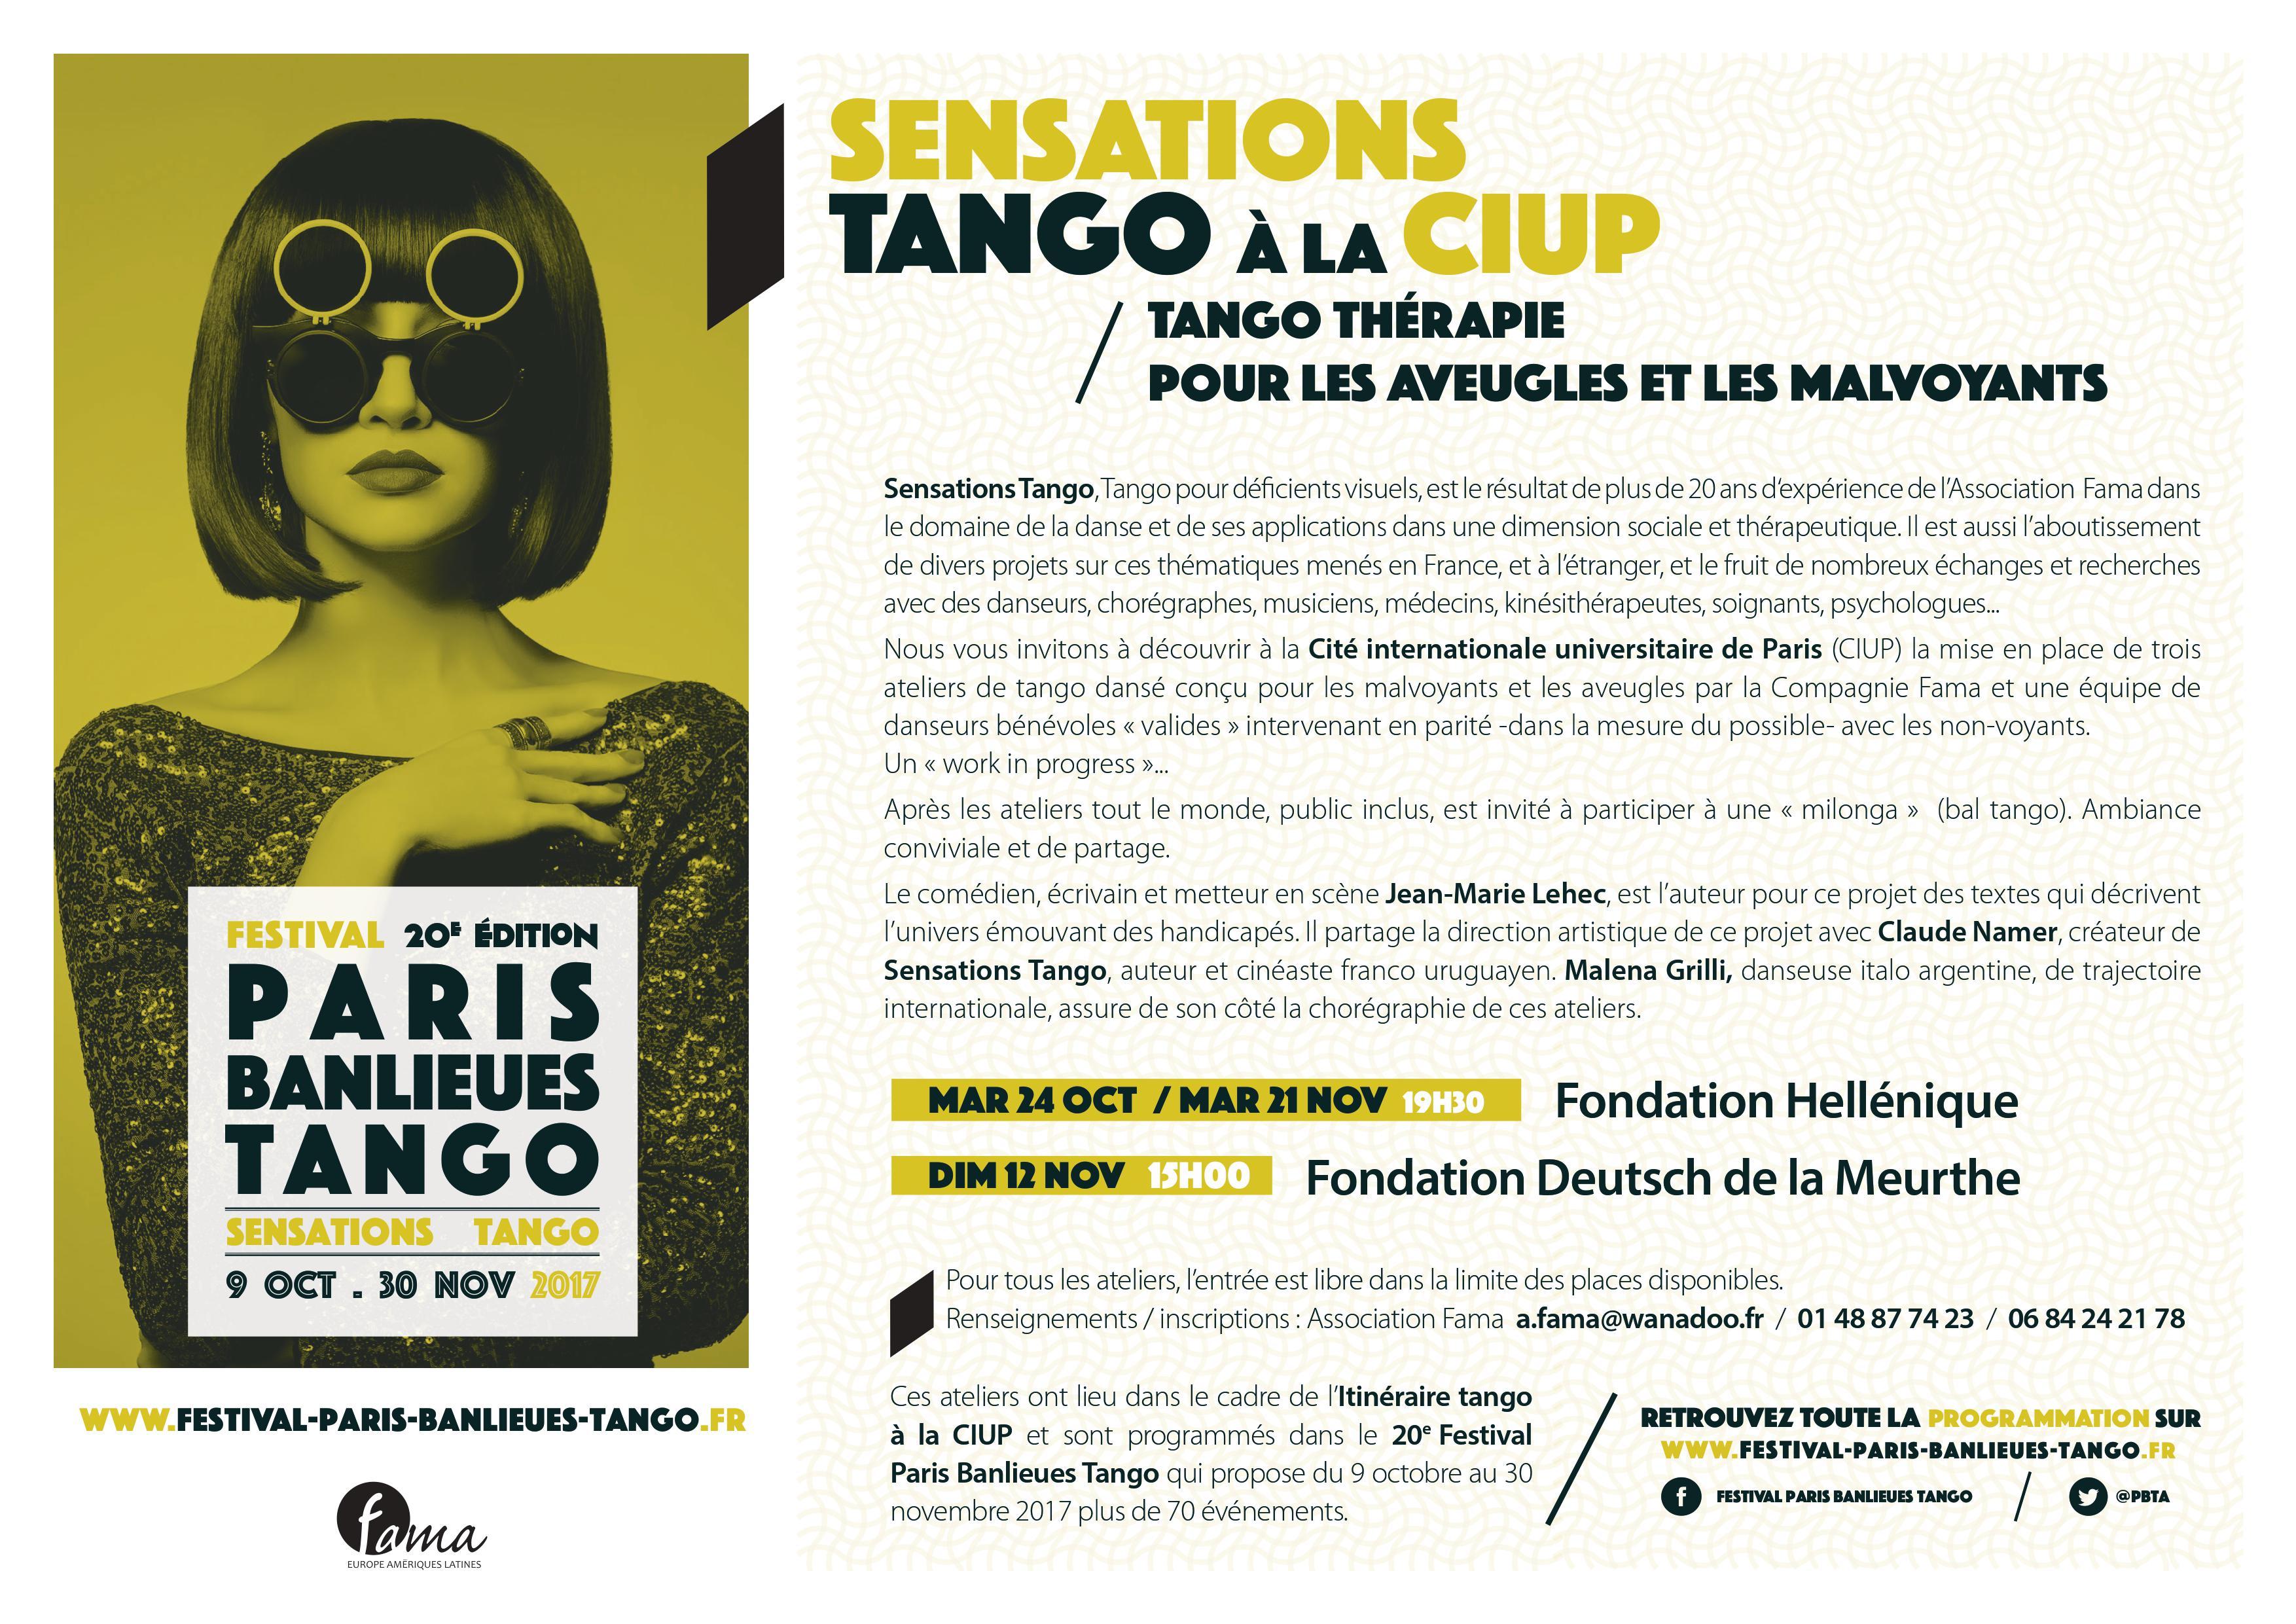 Sensations Tango: Tango thérapie pour les aveugles et les malvoyants. Mardi 24 octobre à 19h30 et mardi 21 novembre 2017 à 19h30 (ANNULÉ)